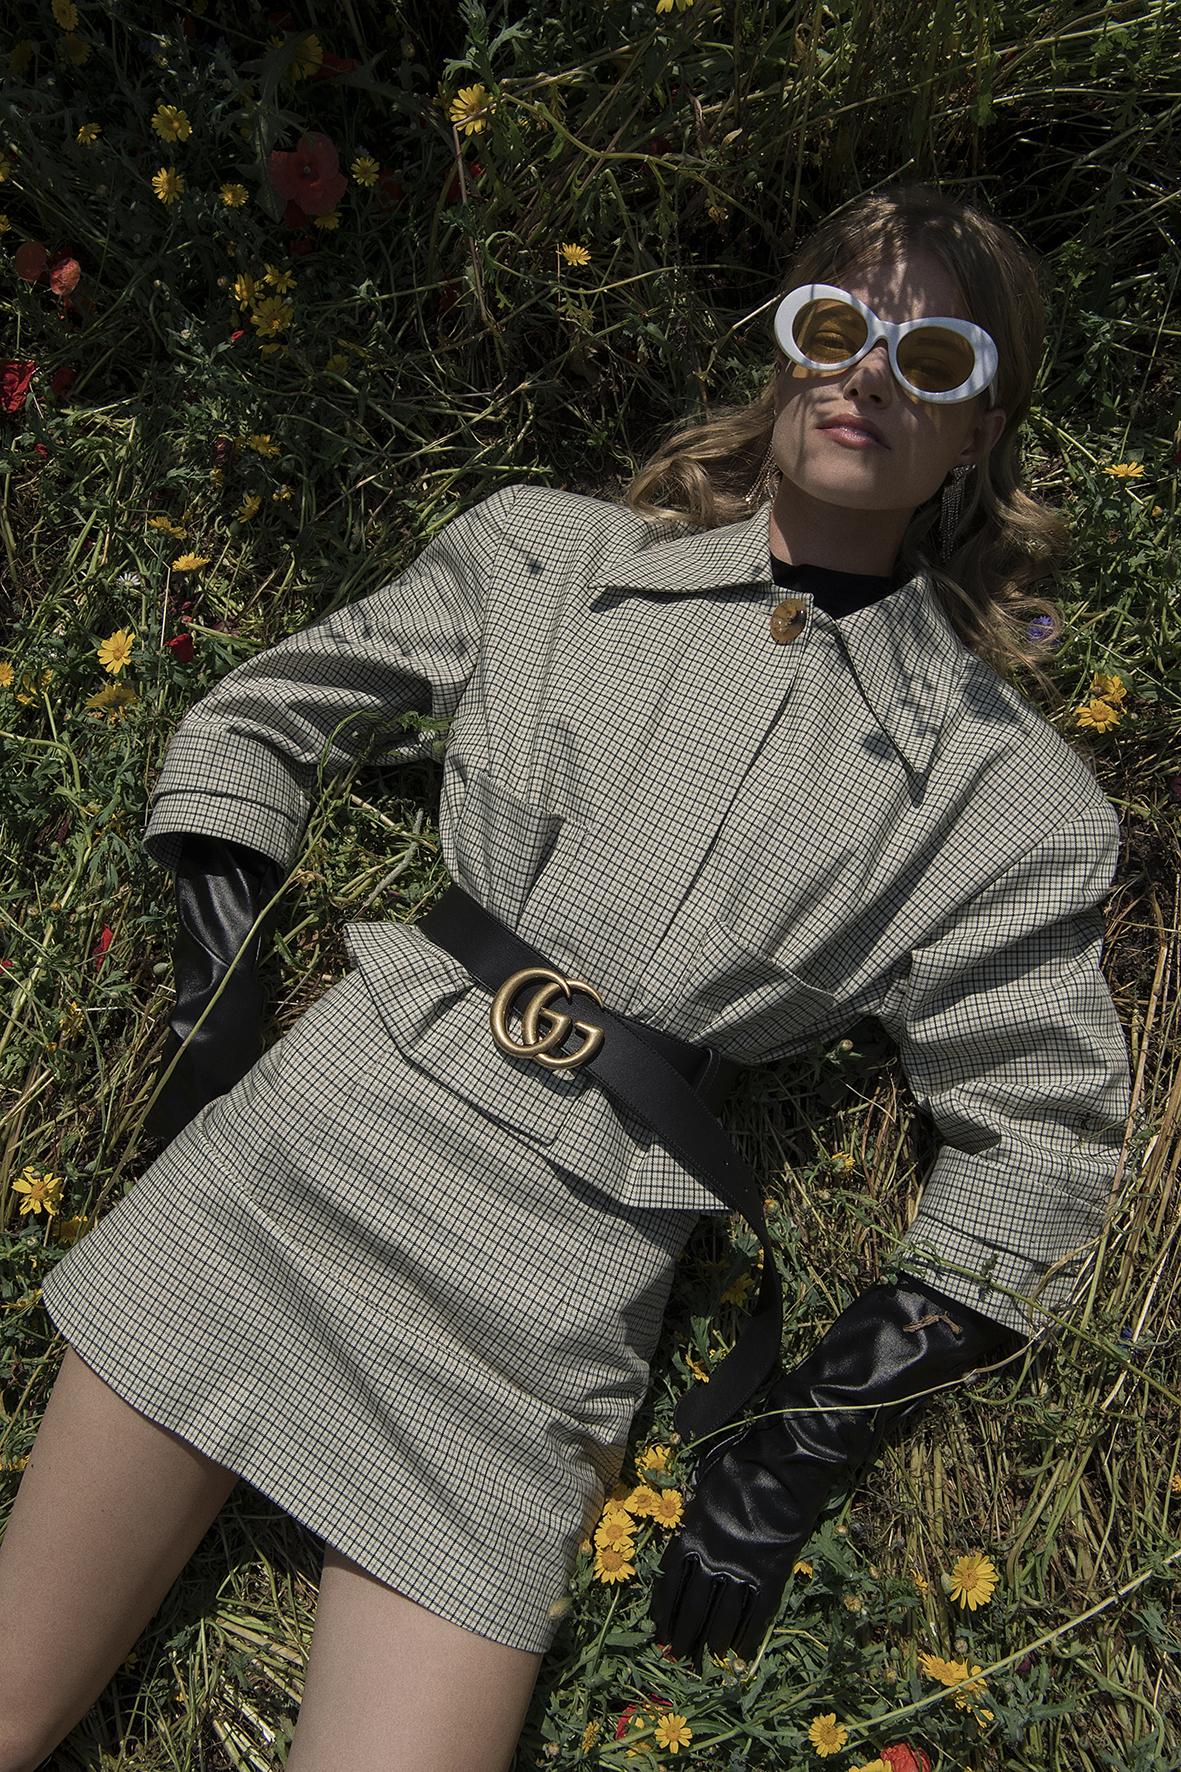 suit  freckle made  belt  gucci  boots   + gloves  vintage  glasses  acne